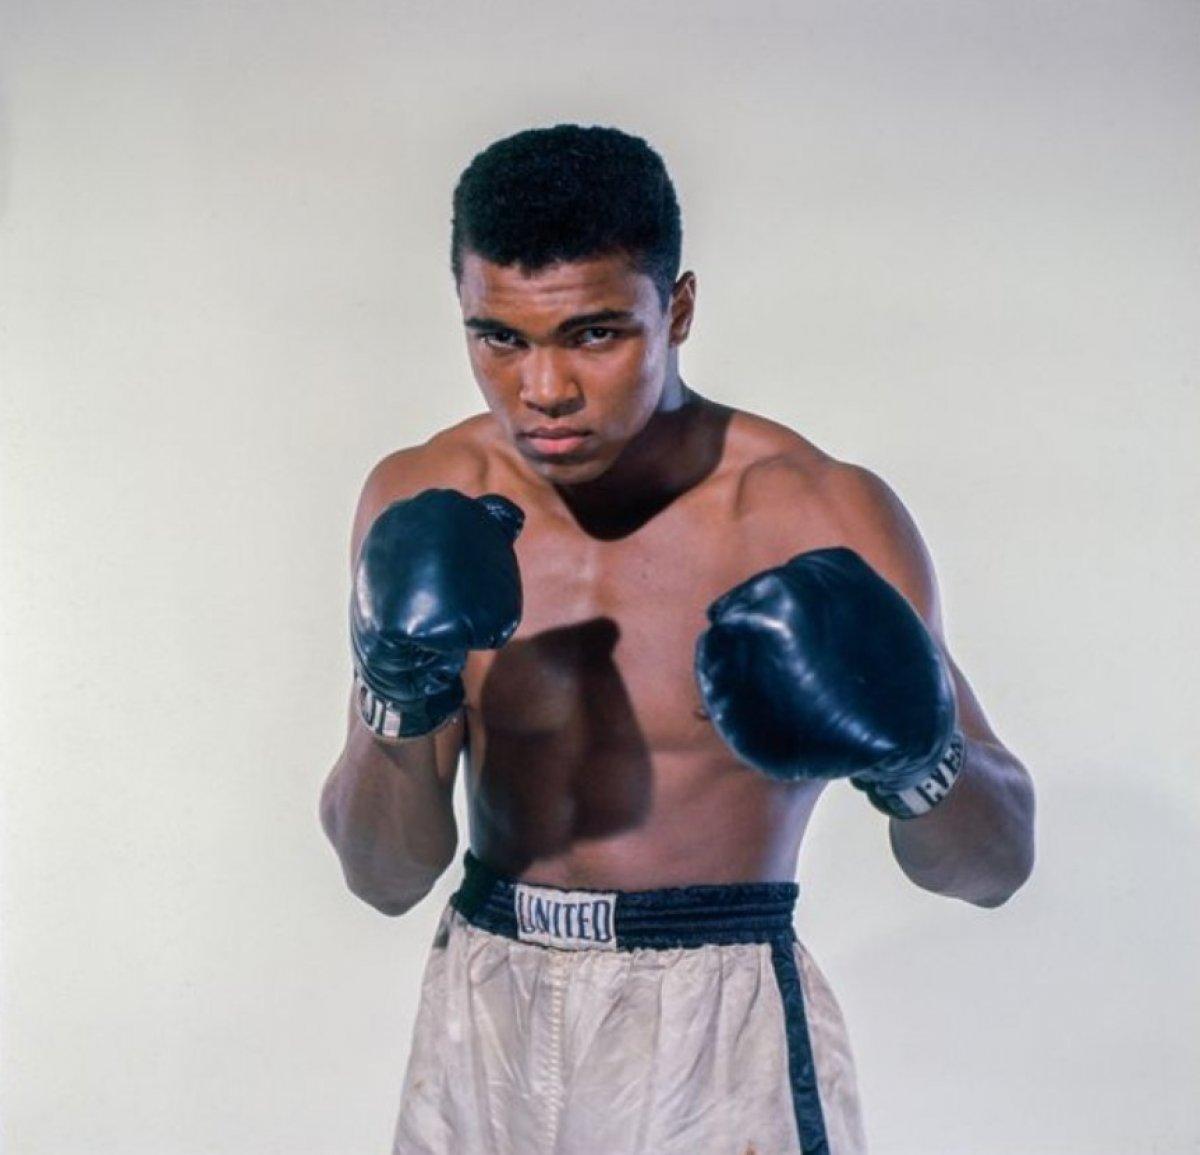 Muhammed Ali nin torunu Nico Ali Walsh, ilk profesyonel boks maçına çıkıyor #1